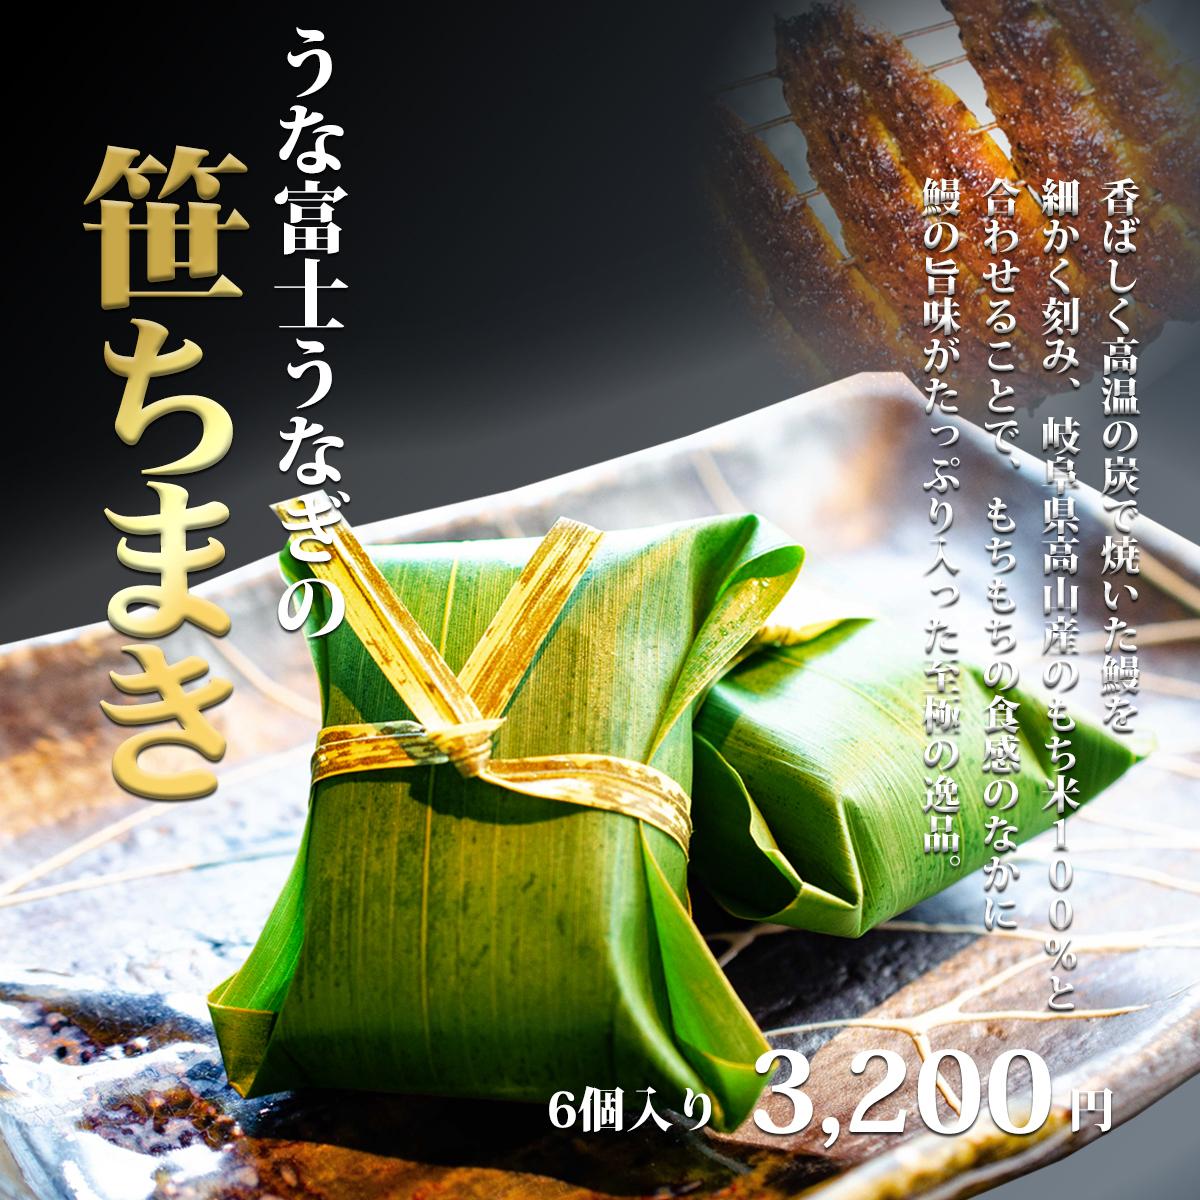 販売開始!【贈り物に最適】うな富士 うなぎの笹ちまき6個入り